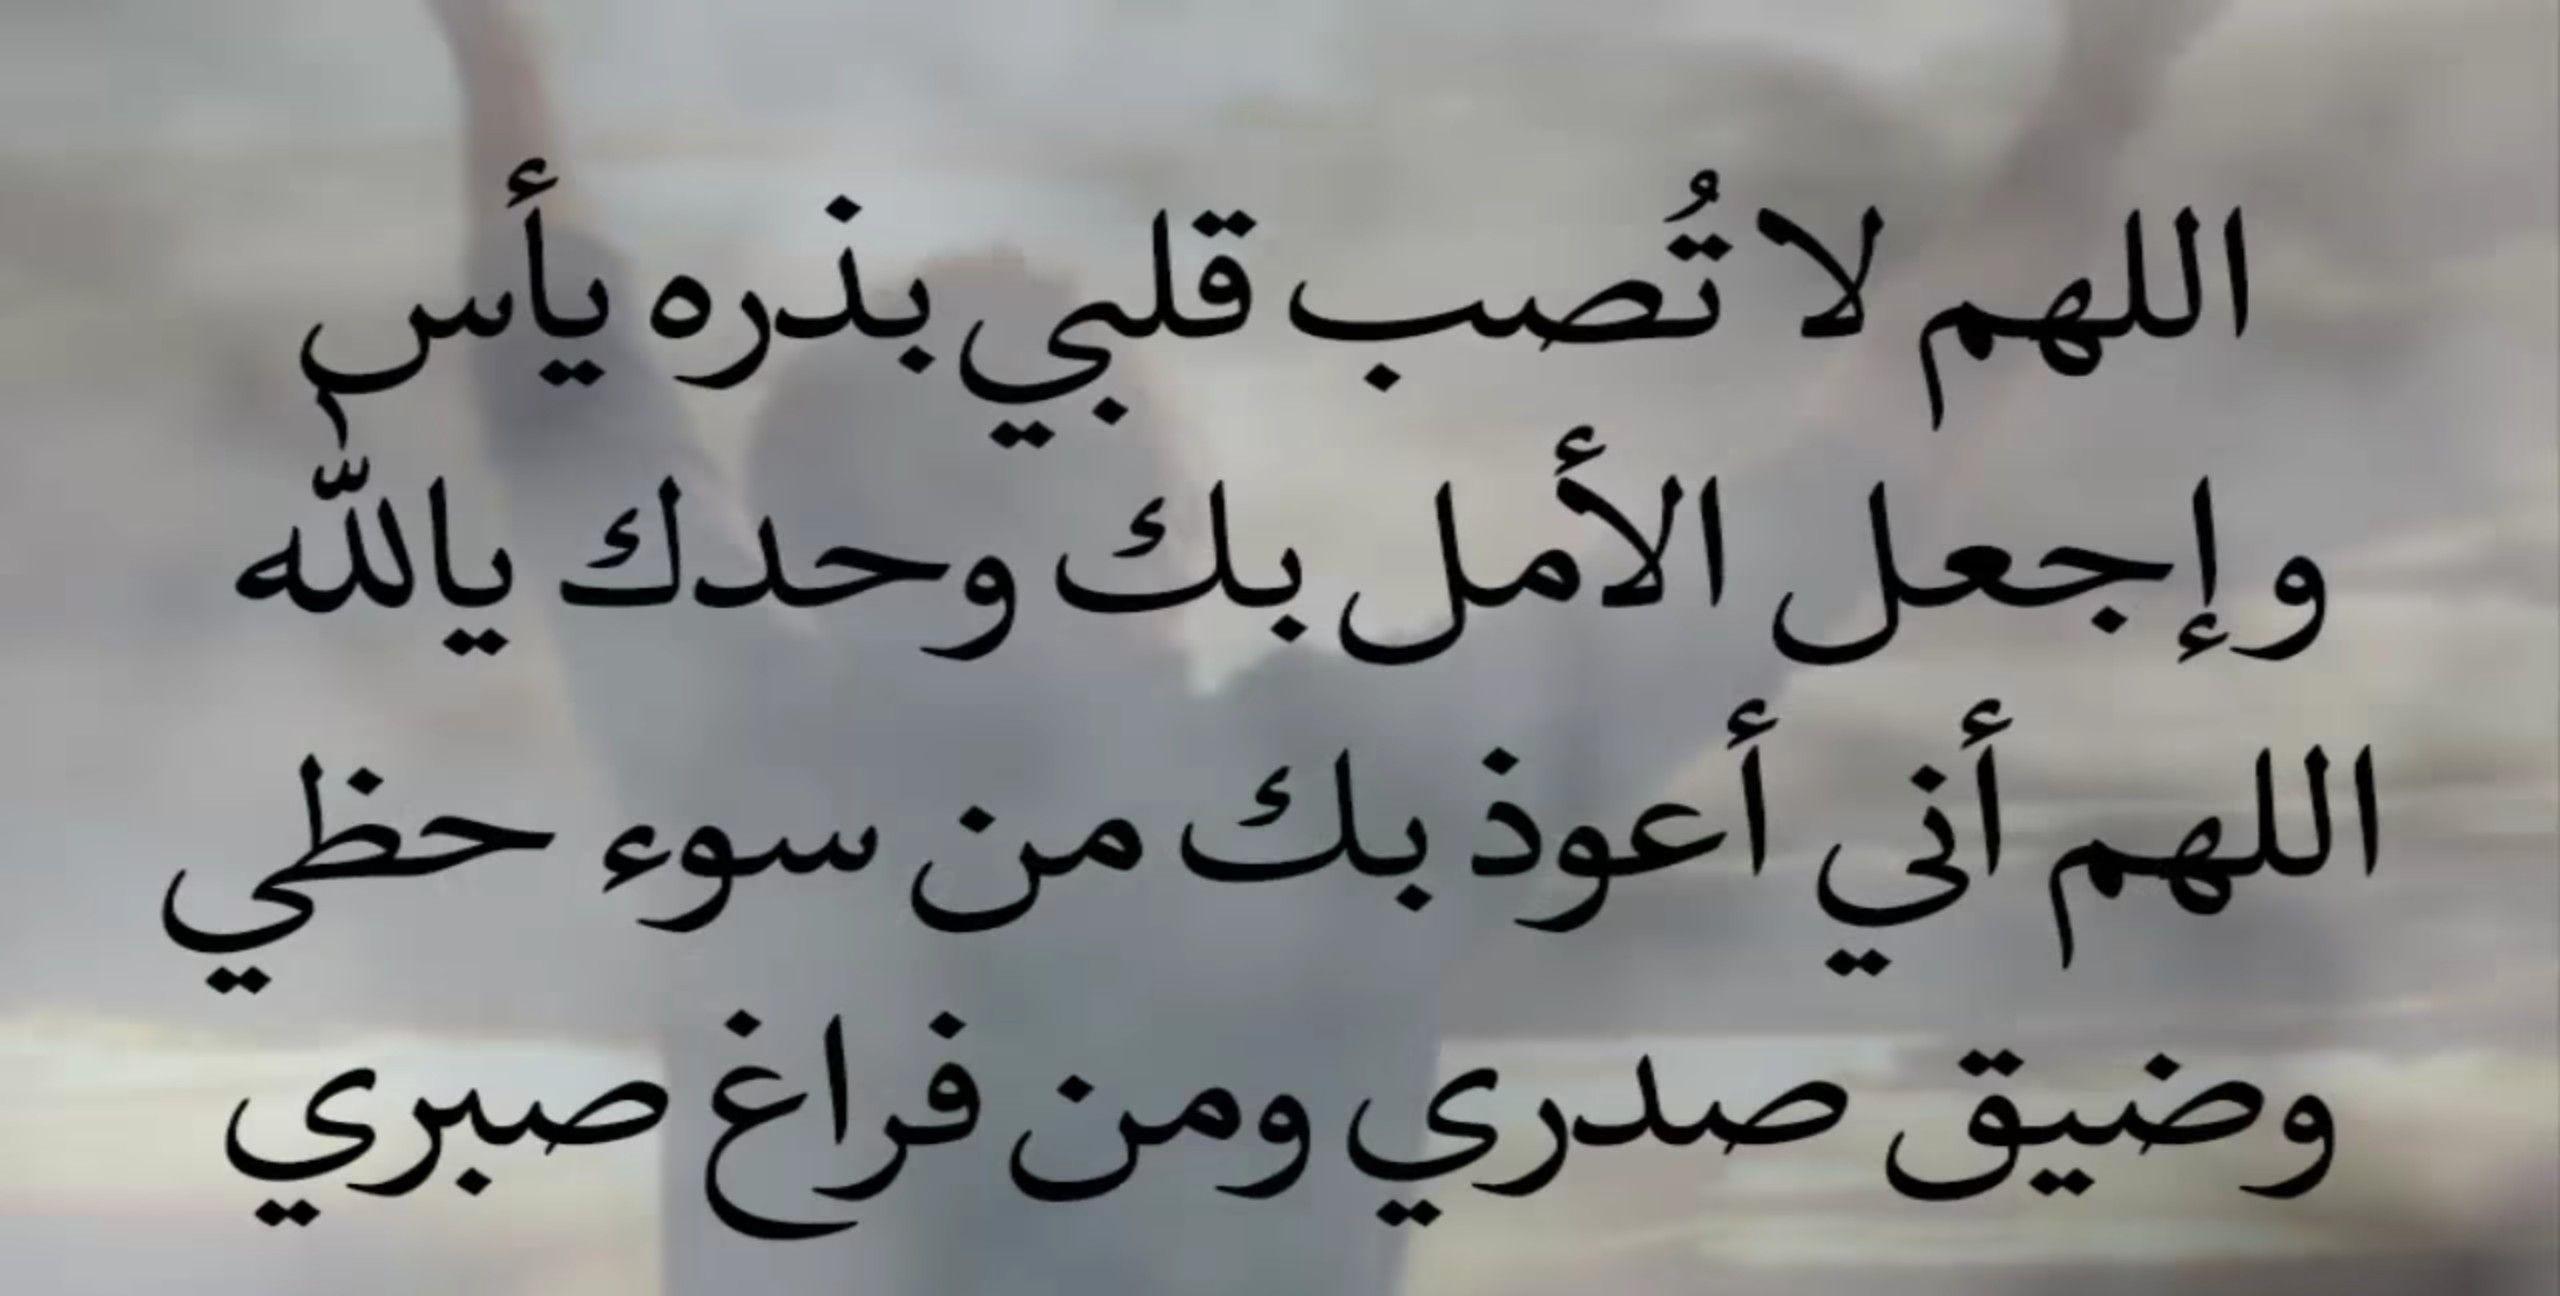 صورة دعاء الهم ، ادعيه لفك الكرب و ازاله الحزن